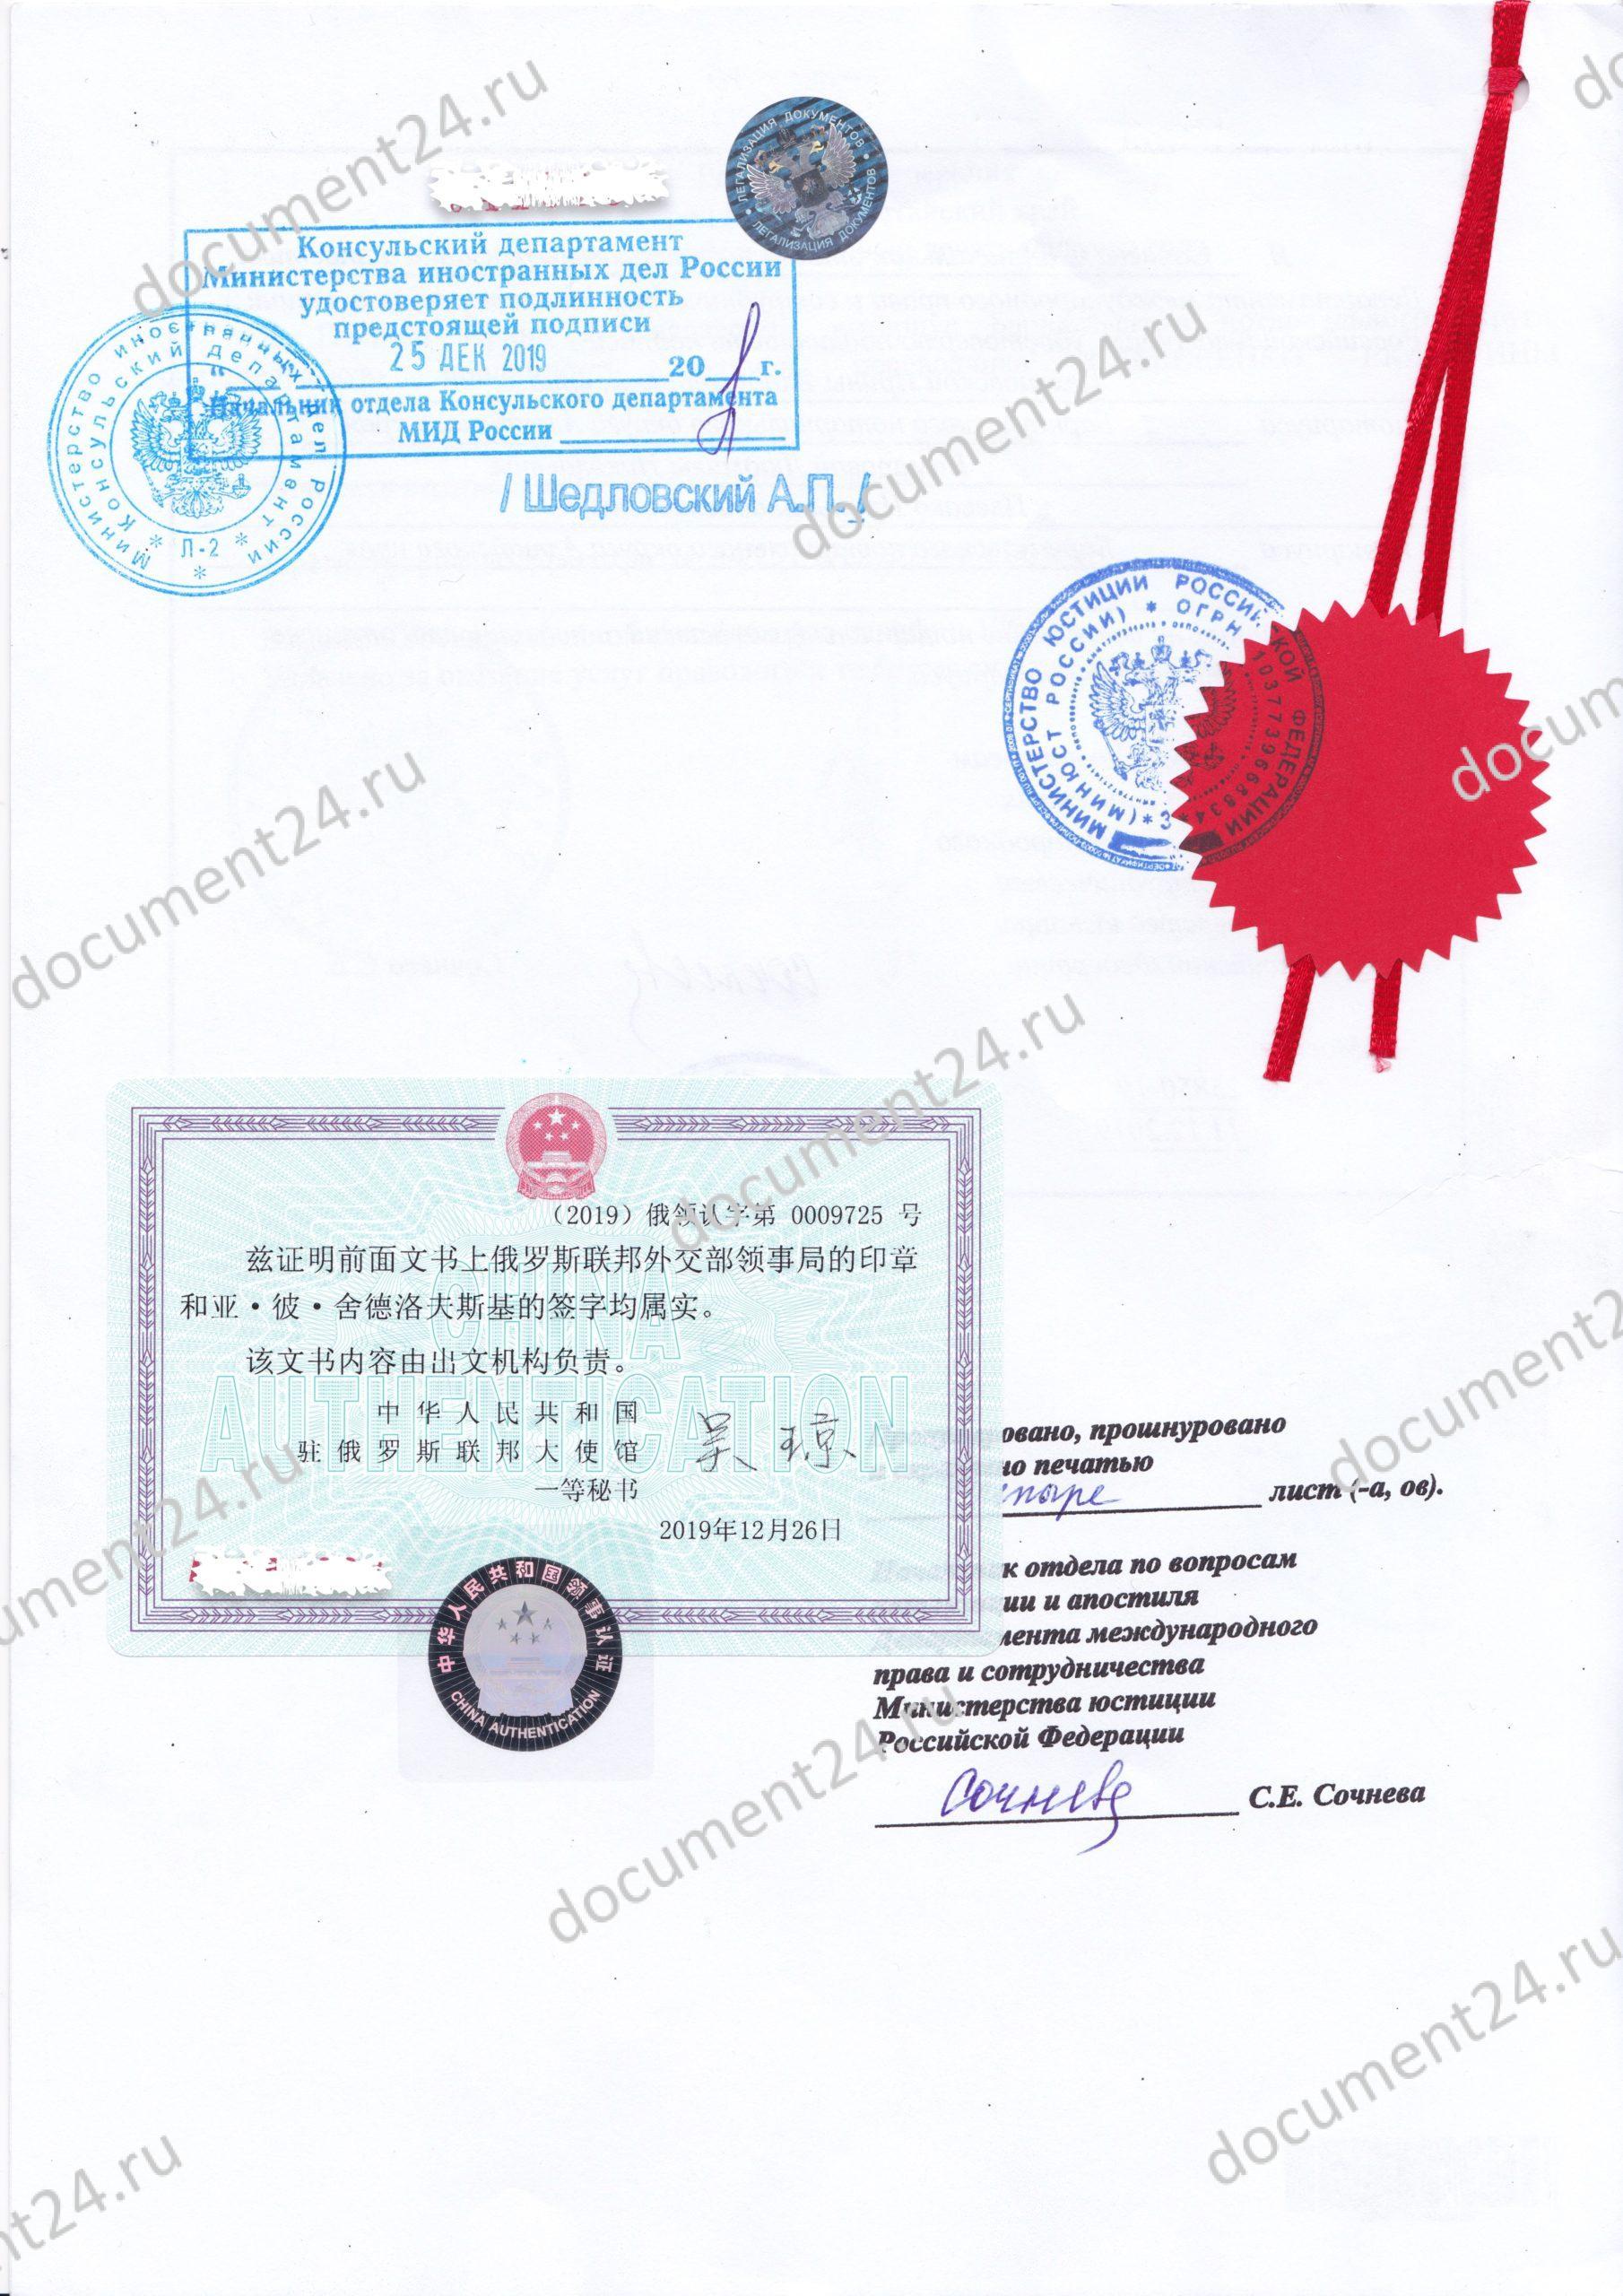 legalizatsiya-posolstvo-kitay